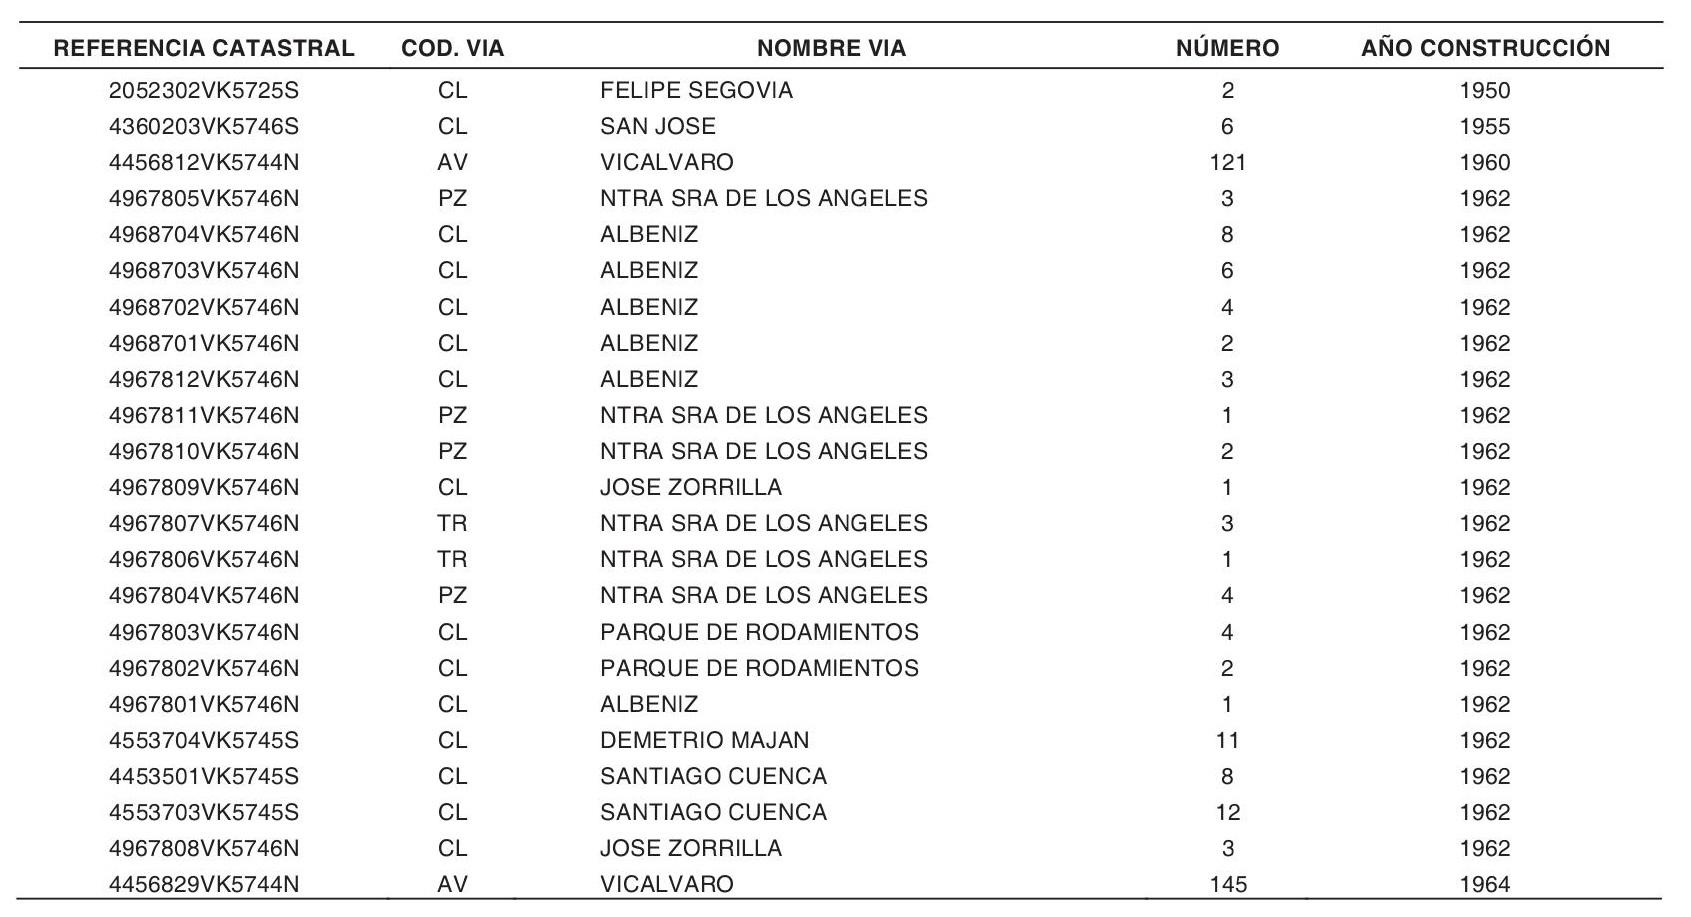 edificios INFORME DE EVALUACION DE EDIFICIOS IEE EN COSLADA EN 2019